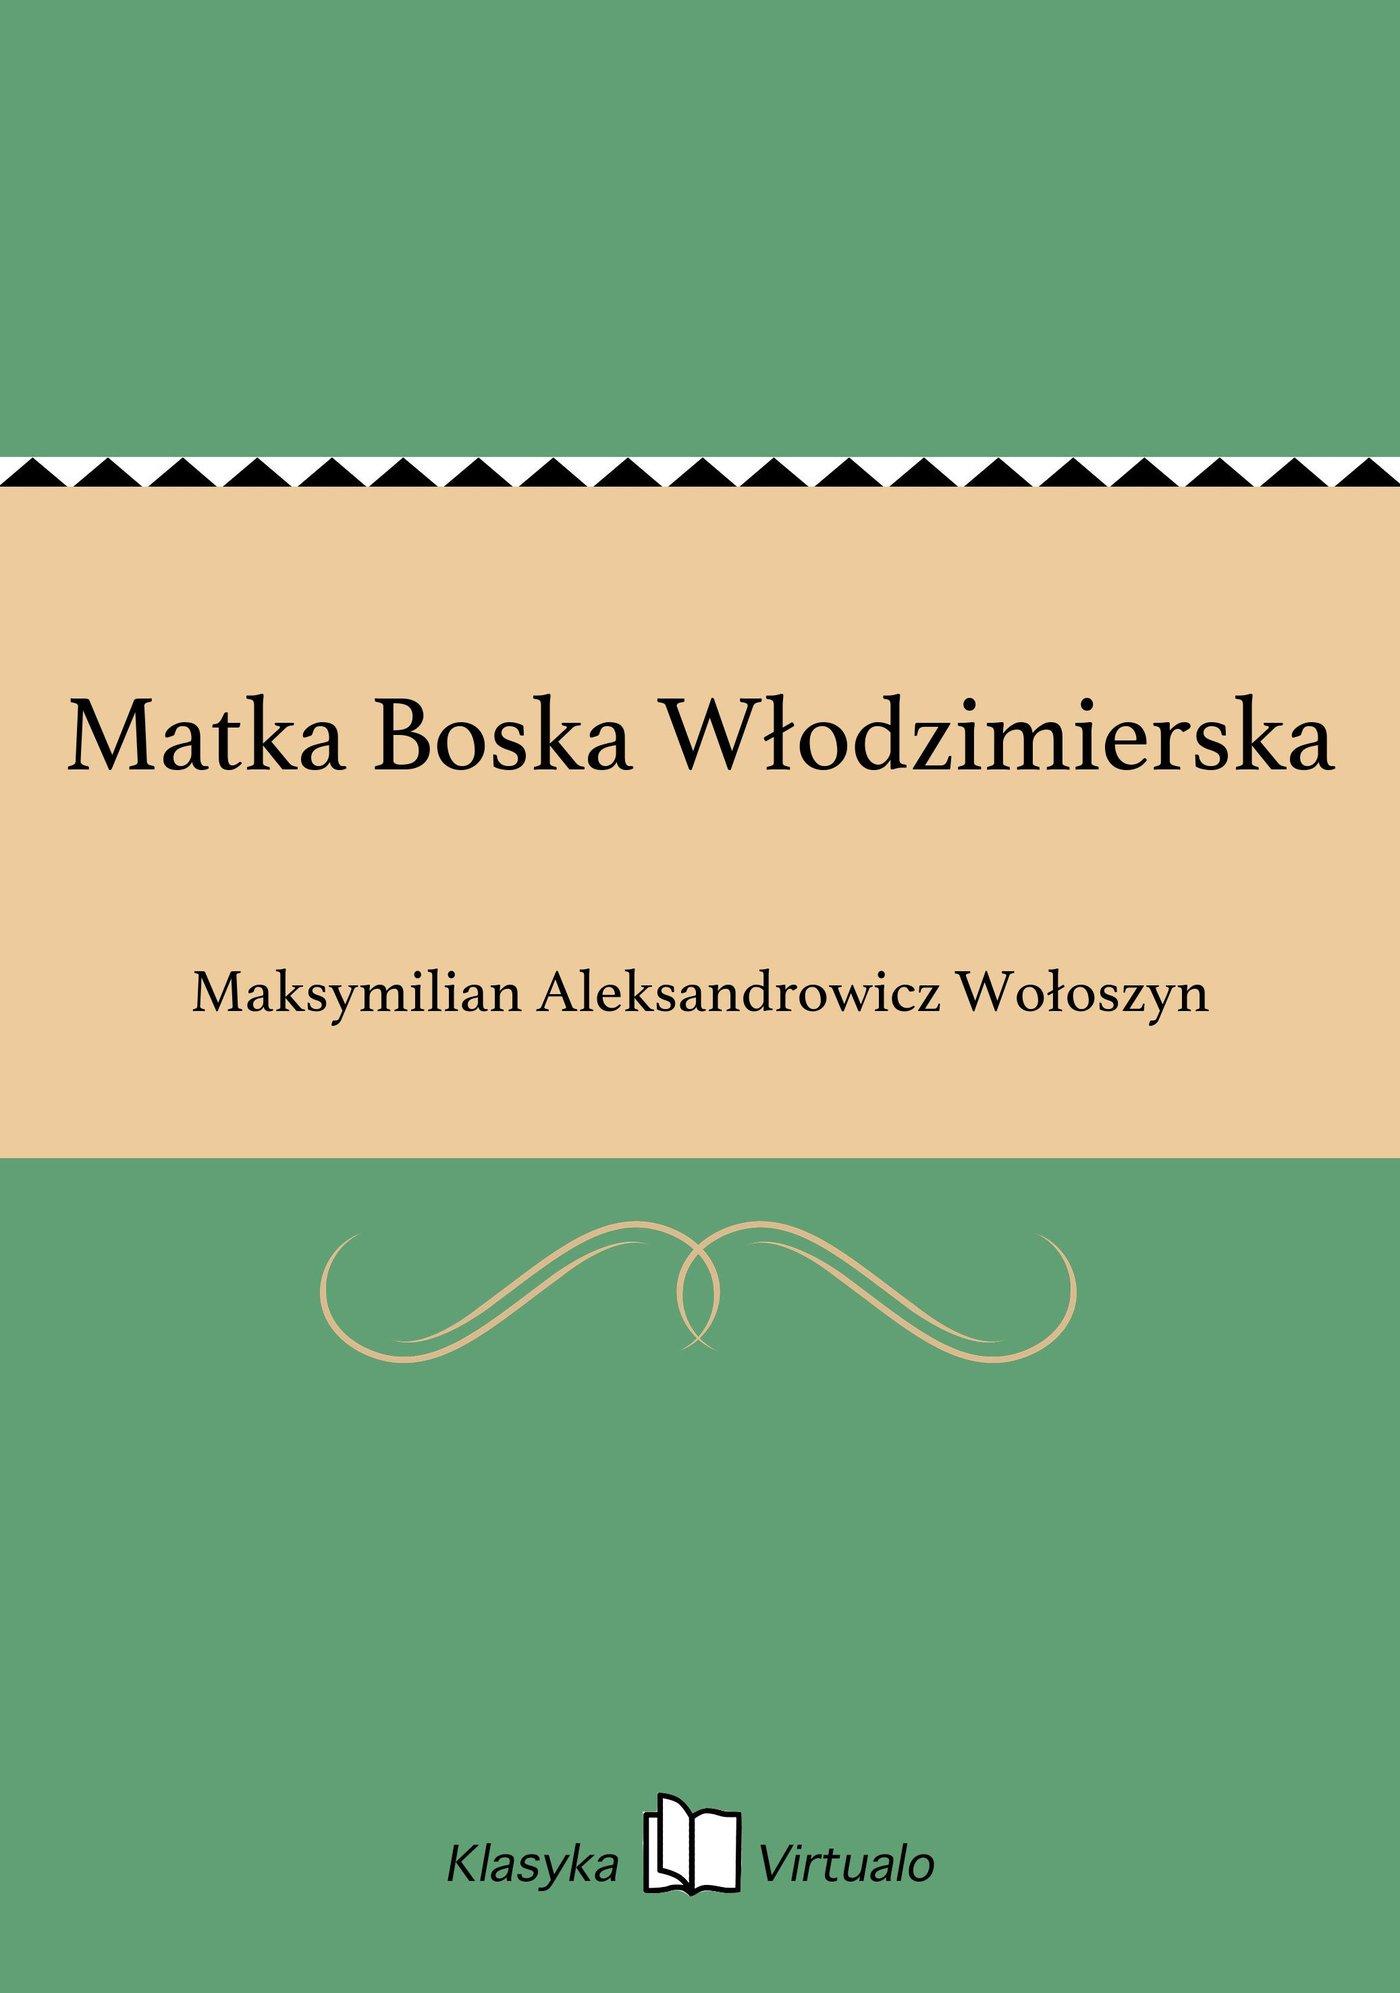 Matka Boska Włodzimierska - Ebook (Książka EPUB) do pobrania w formacie EPUB